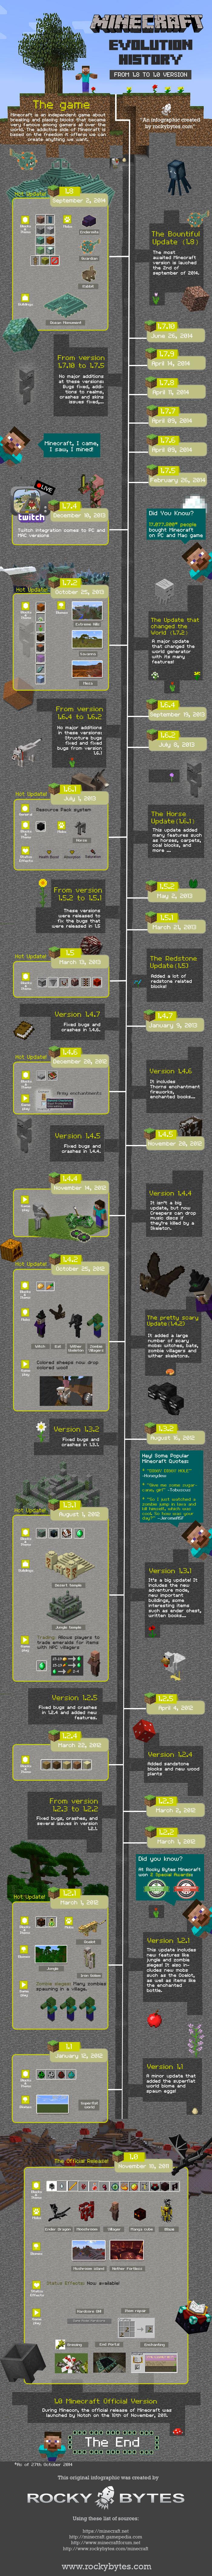 infographie-evolution-minecraft